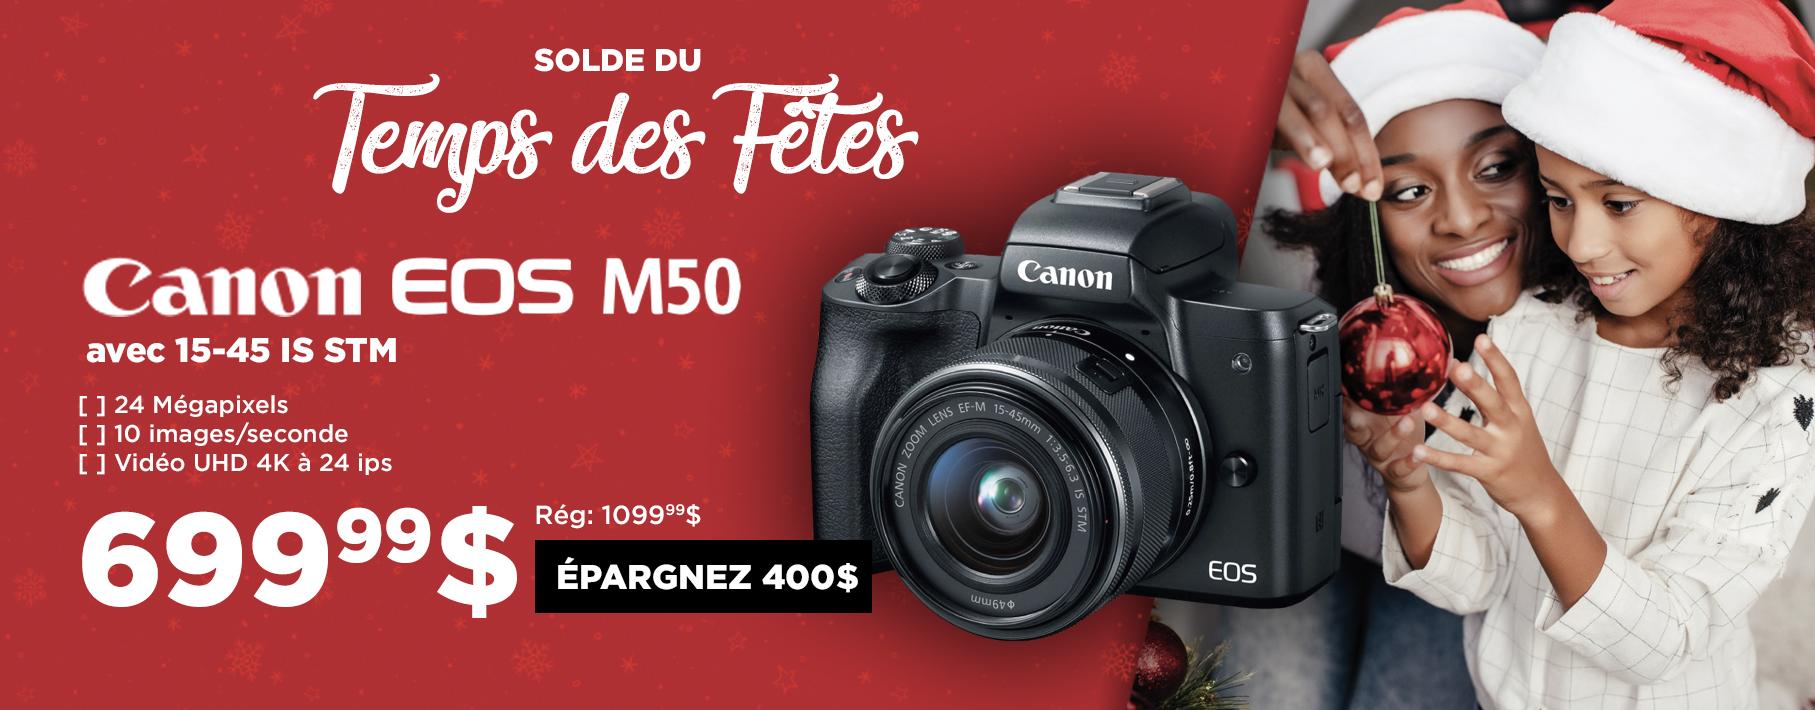 Fetes M50